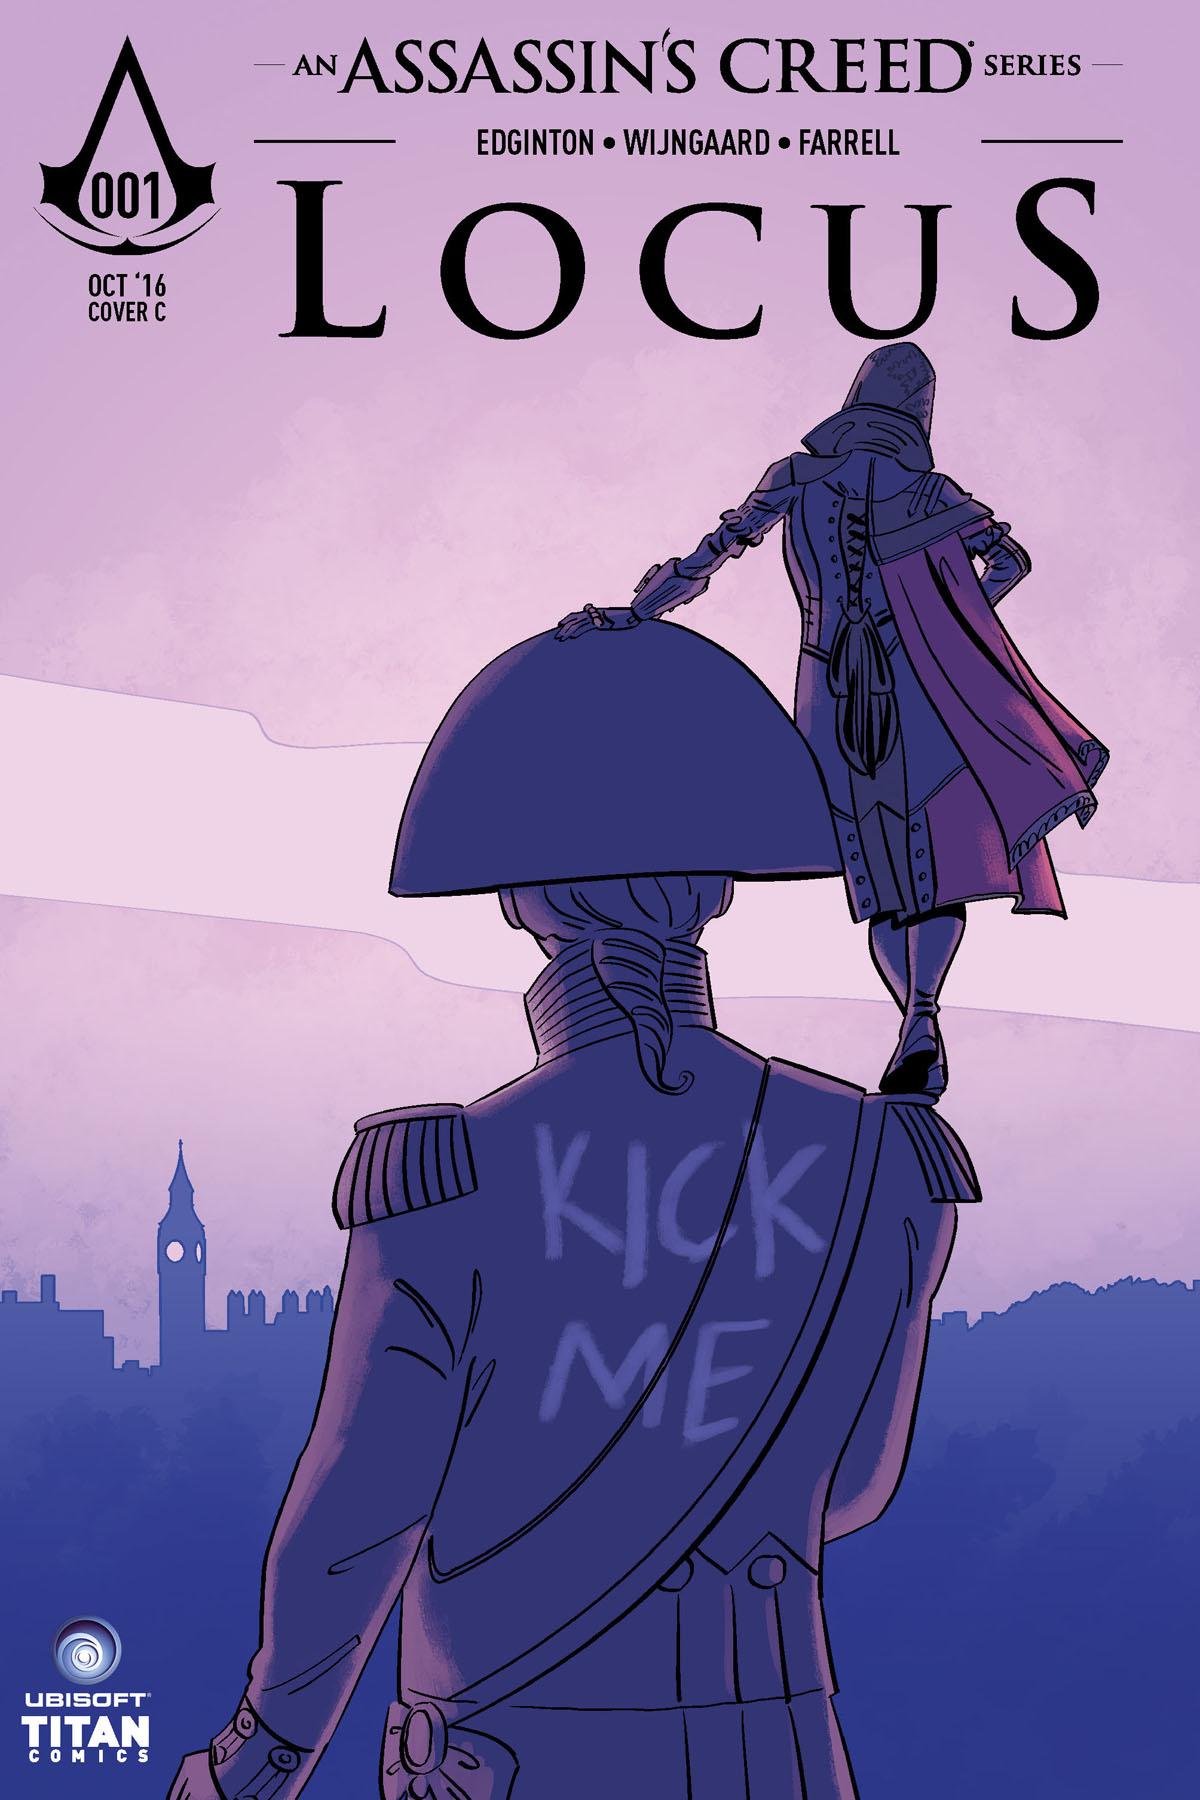 LOCUS 001 - COVER C